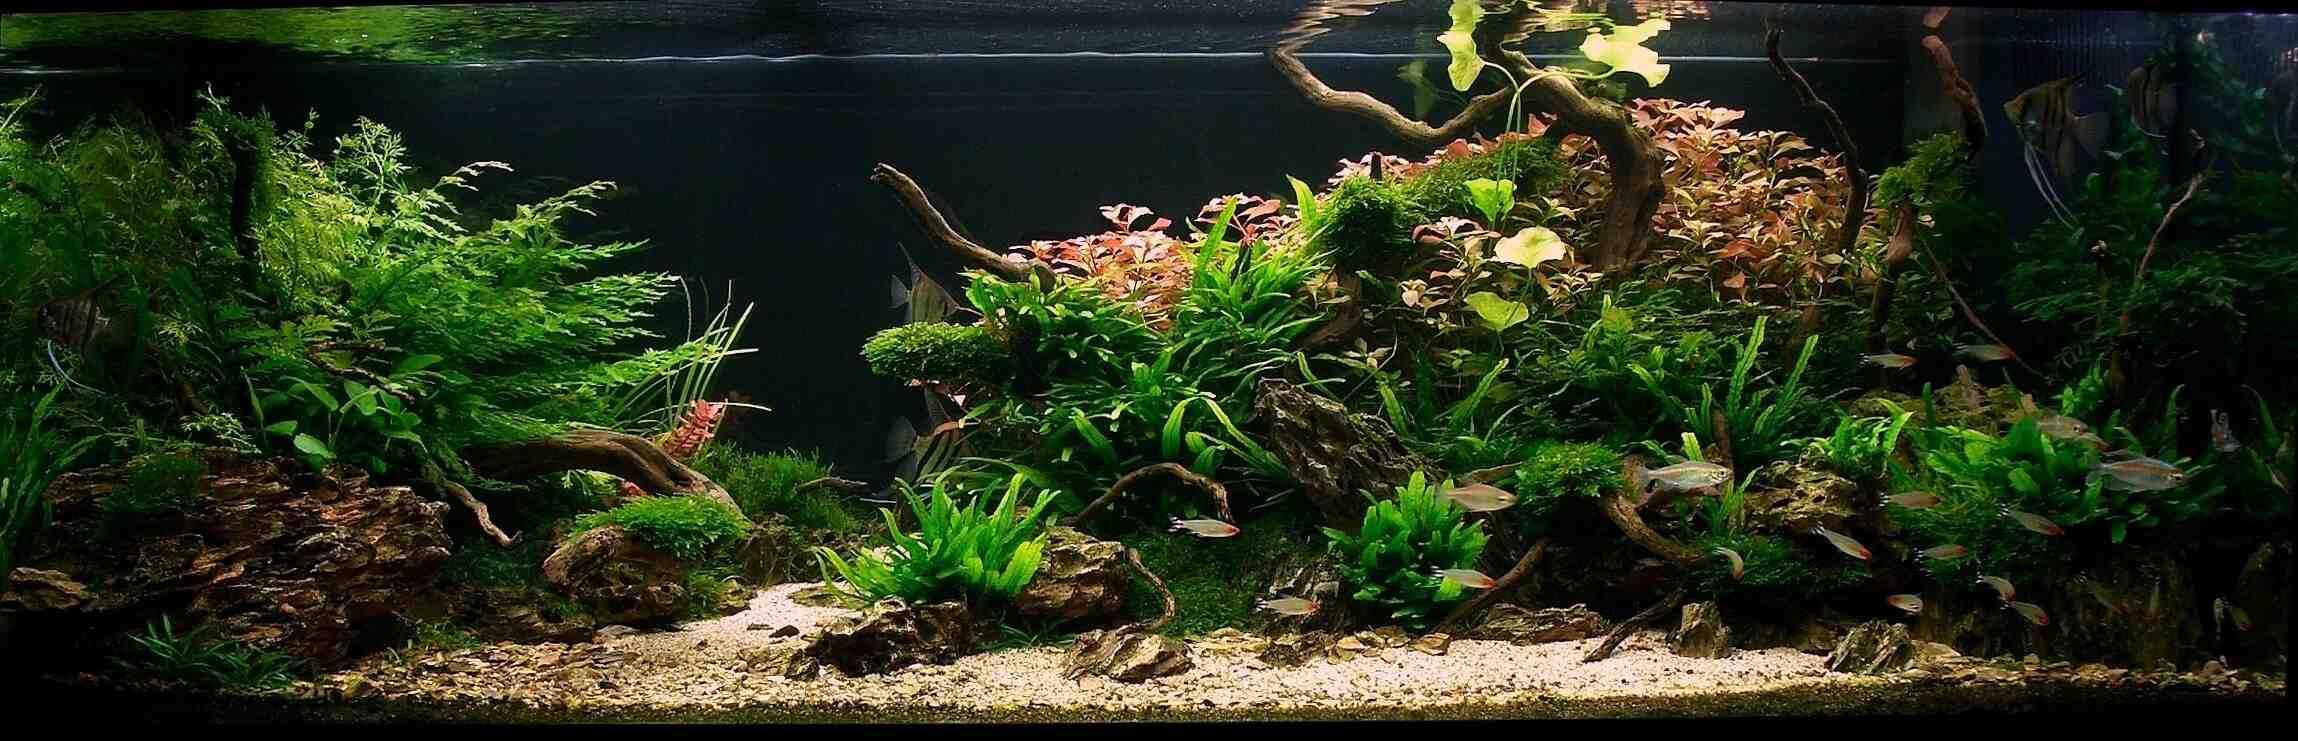 Comment mettre des plantes dans l'aquarium déjà dans l'eau?